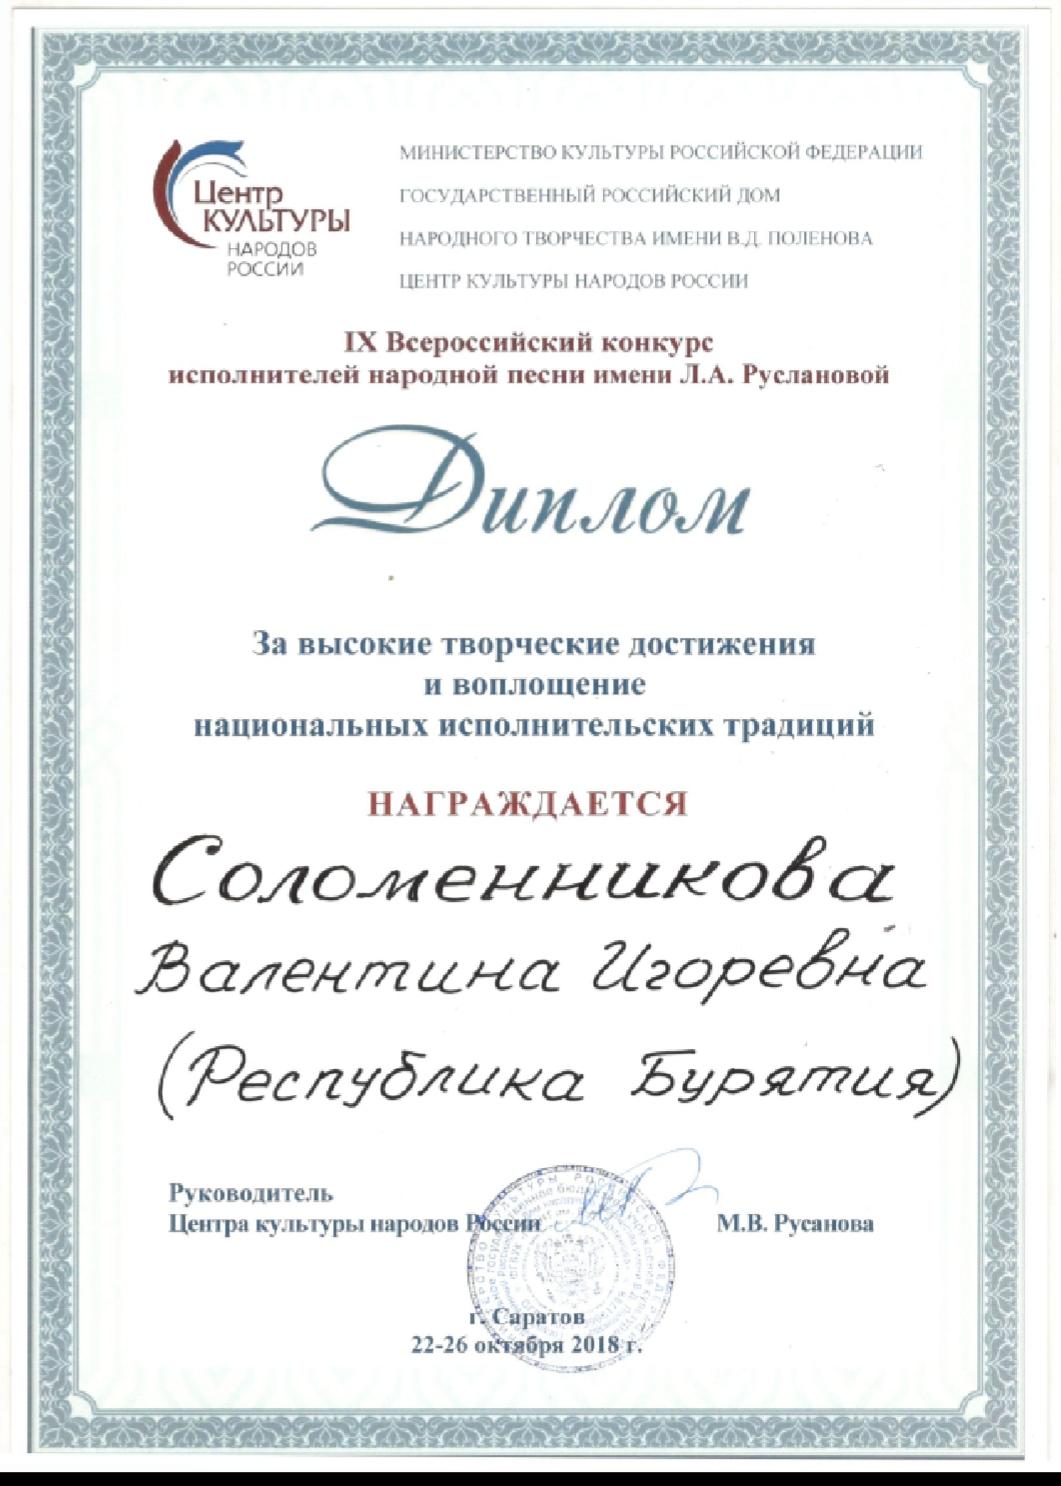 2018, IX Всероссийский конкурс исполнителей народной песни имени Л.А. Руслановой